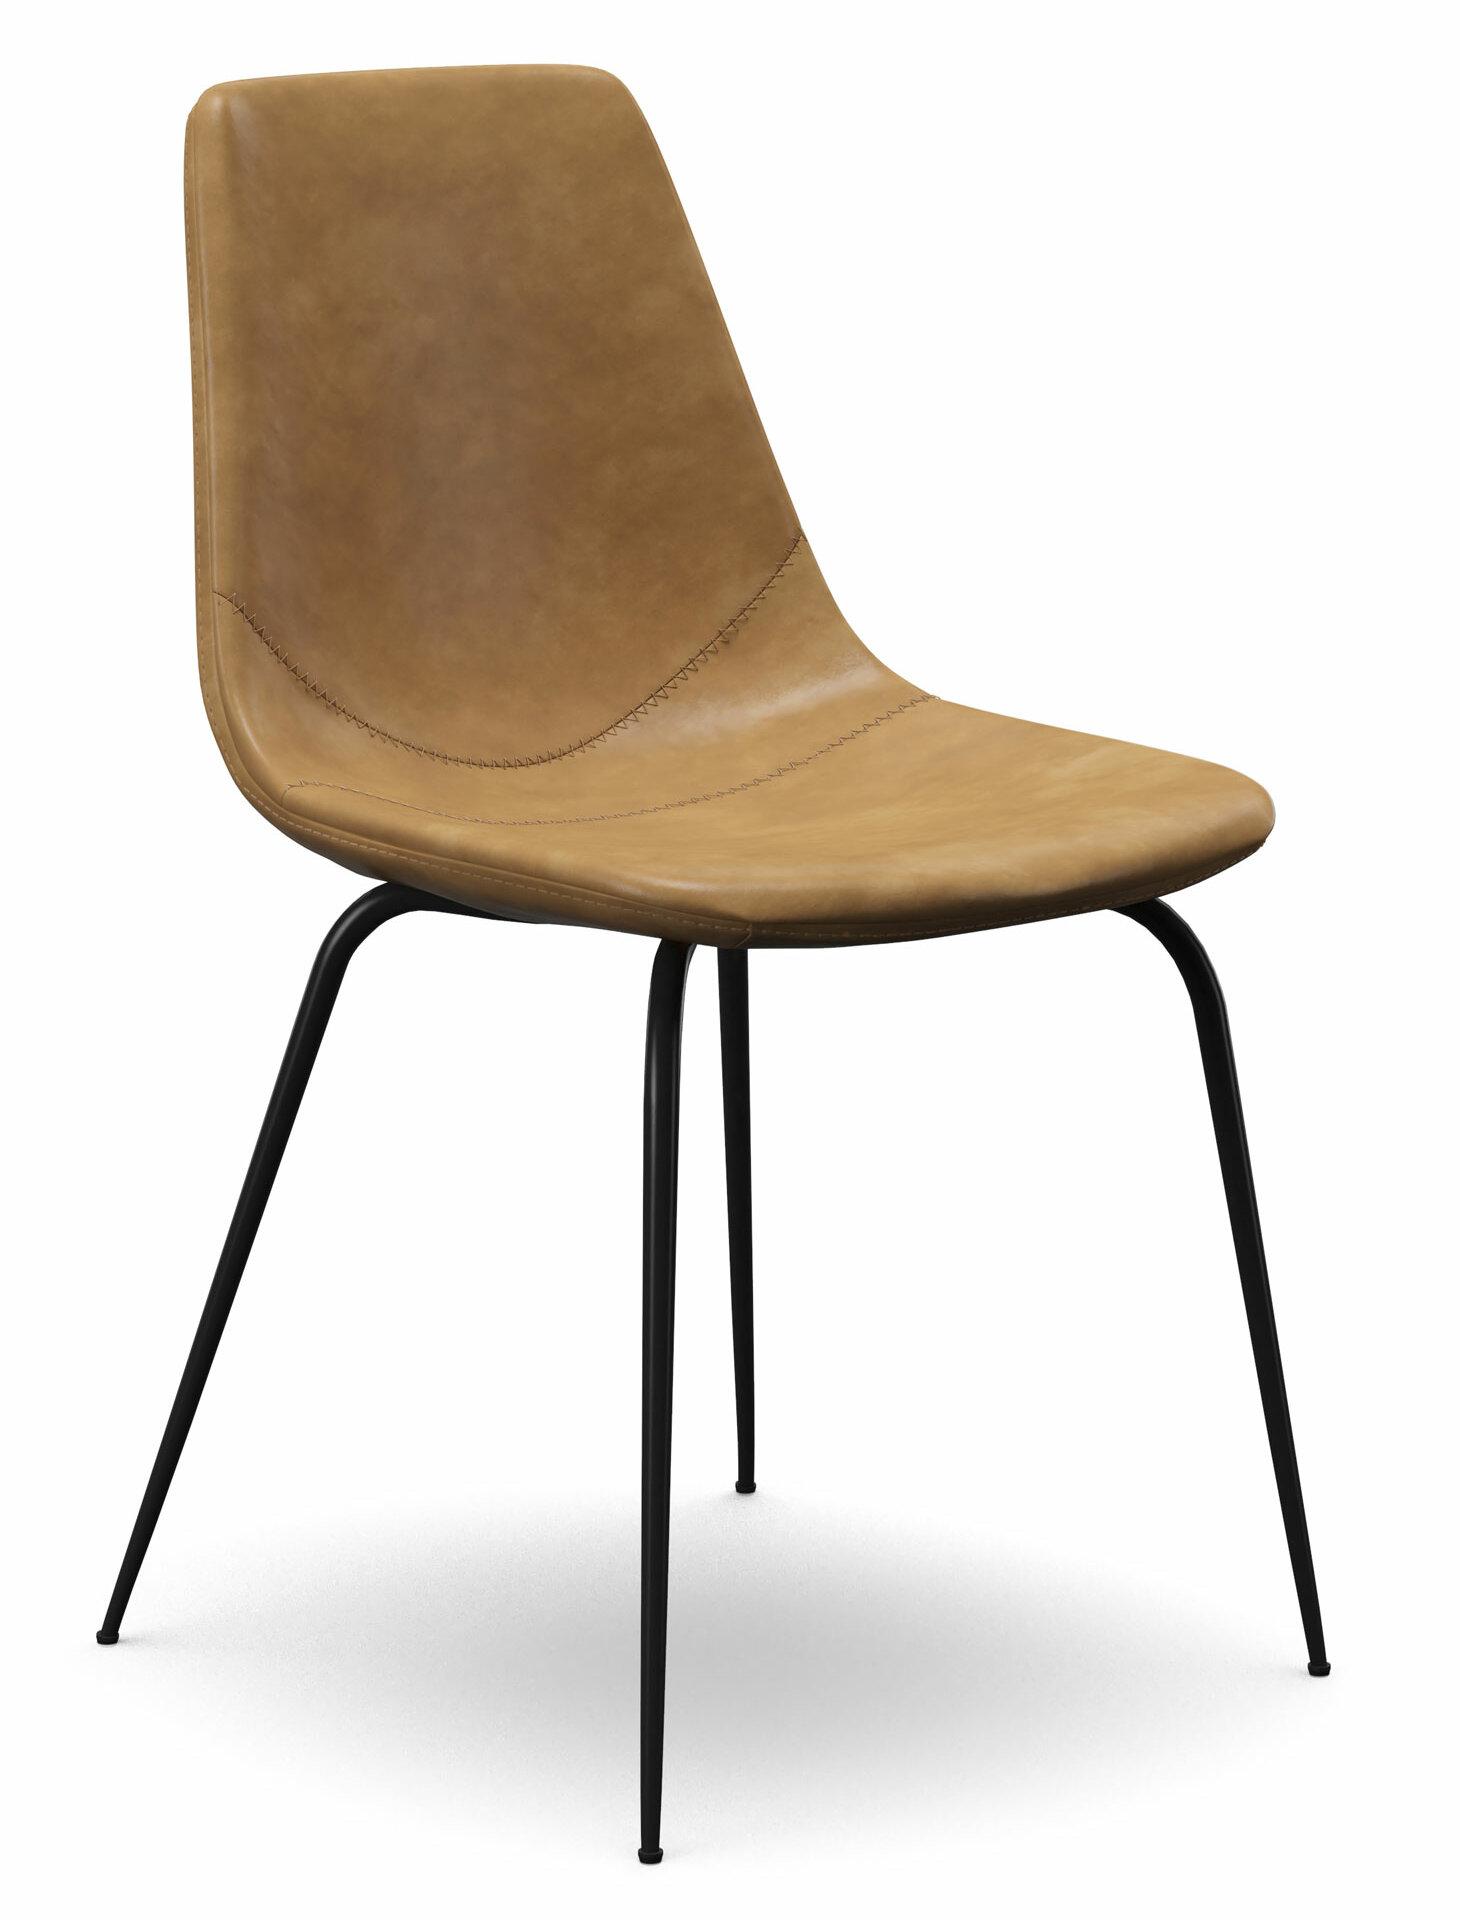 Marvelous Ryans Upholstered Dining Chair Ncnpc Chair Design For Home Ncnpcorg